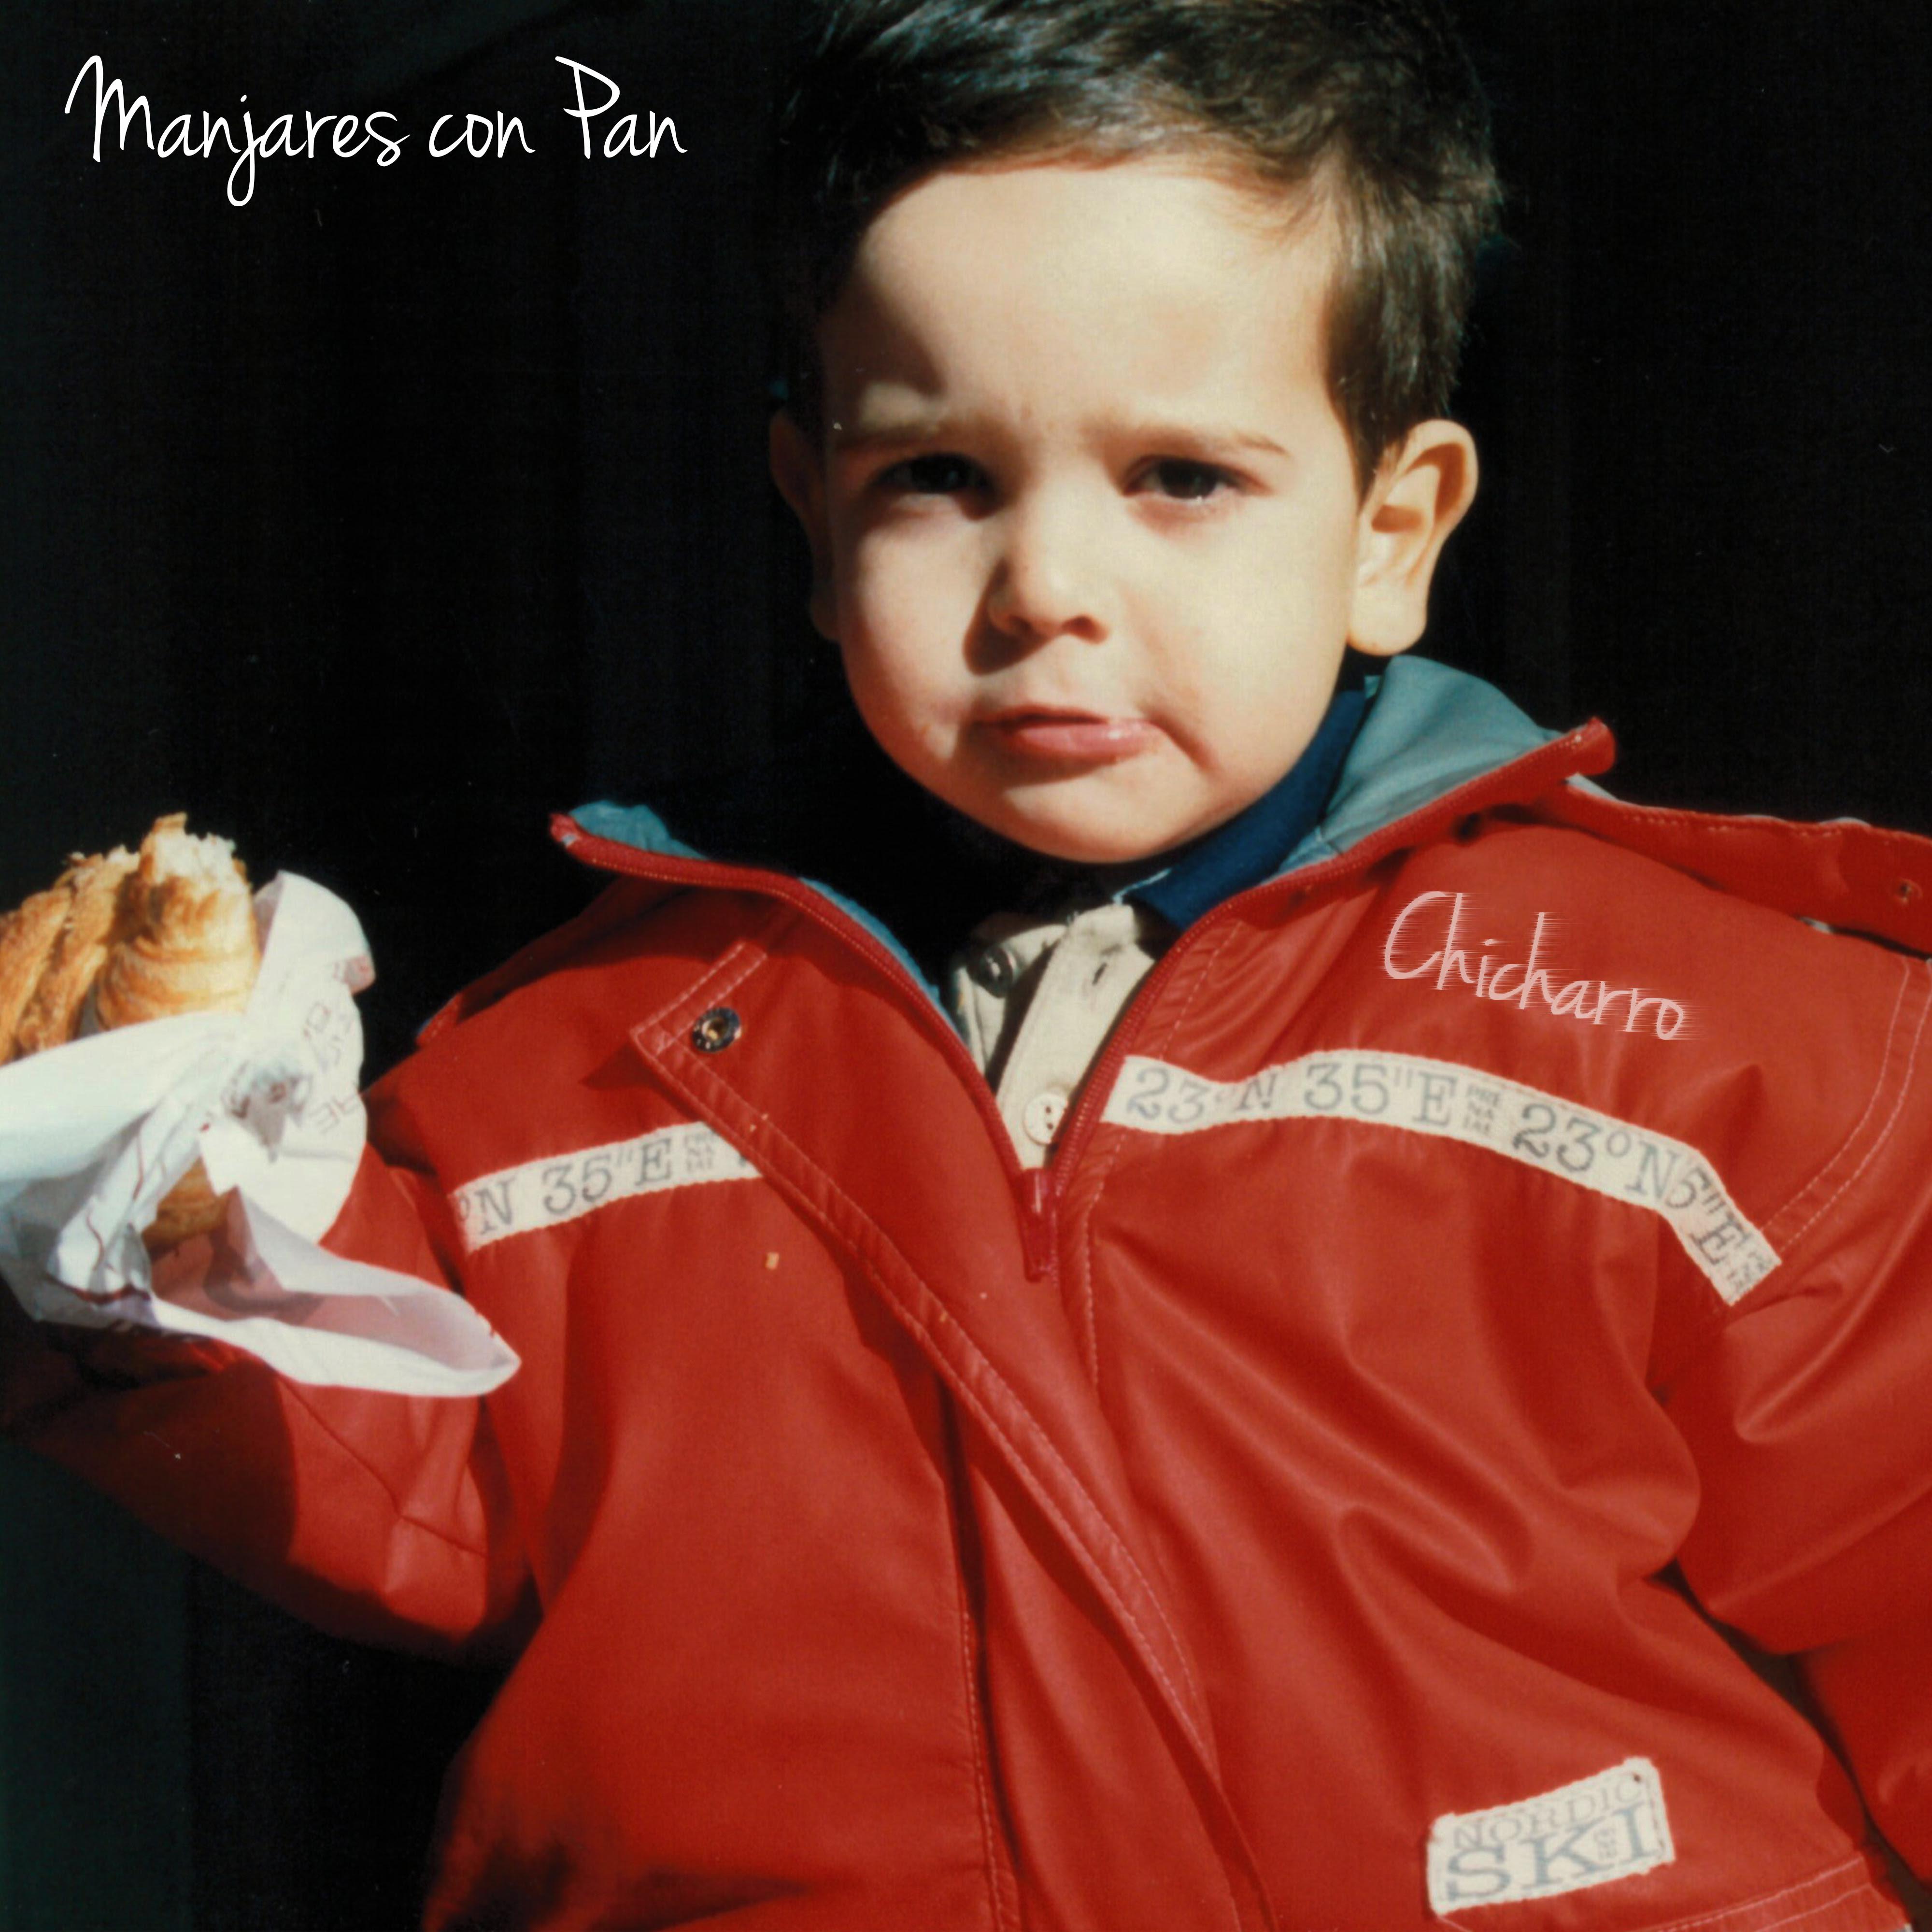 Manjares de Pan portada del single de Chicharro